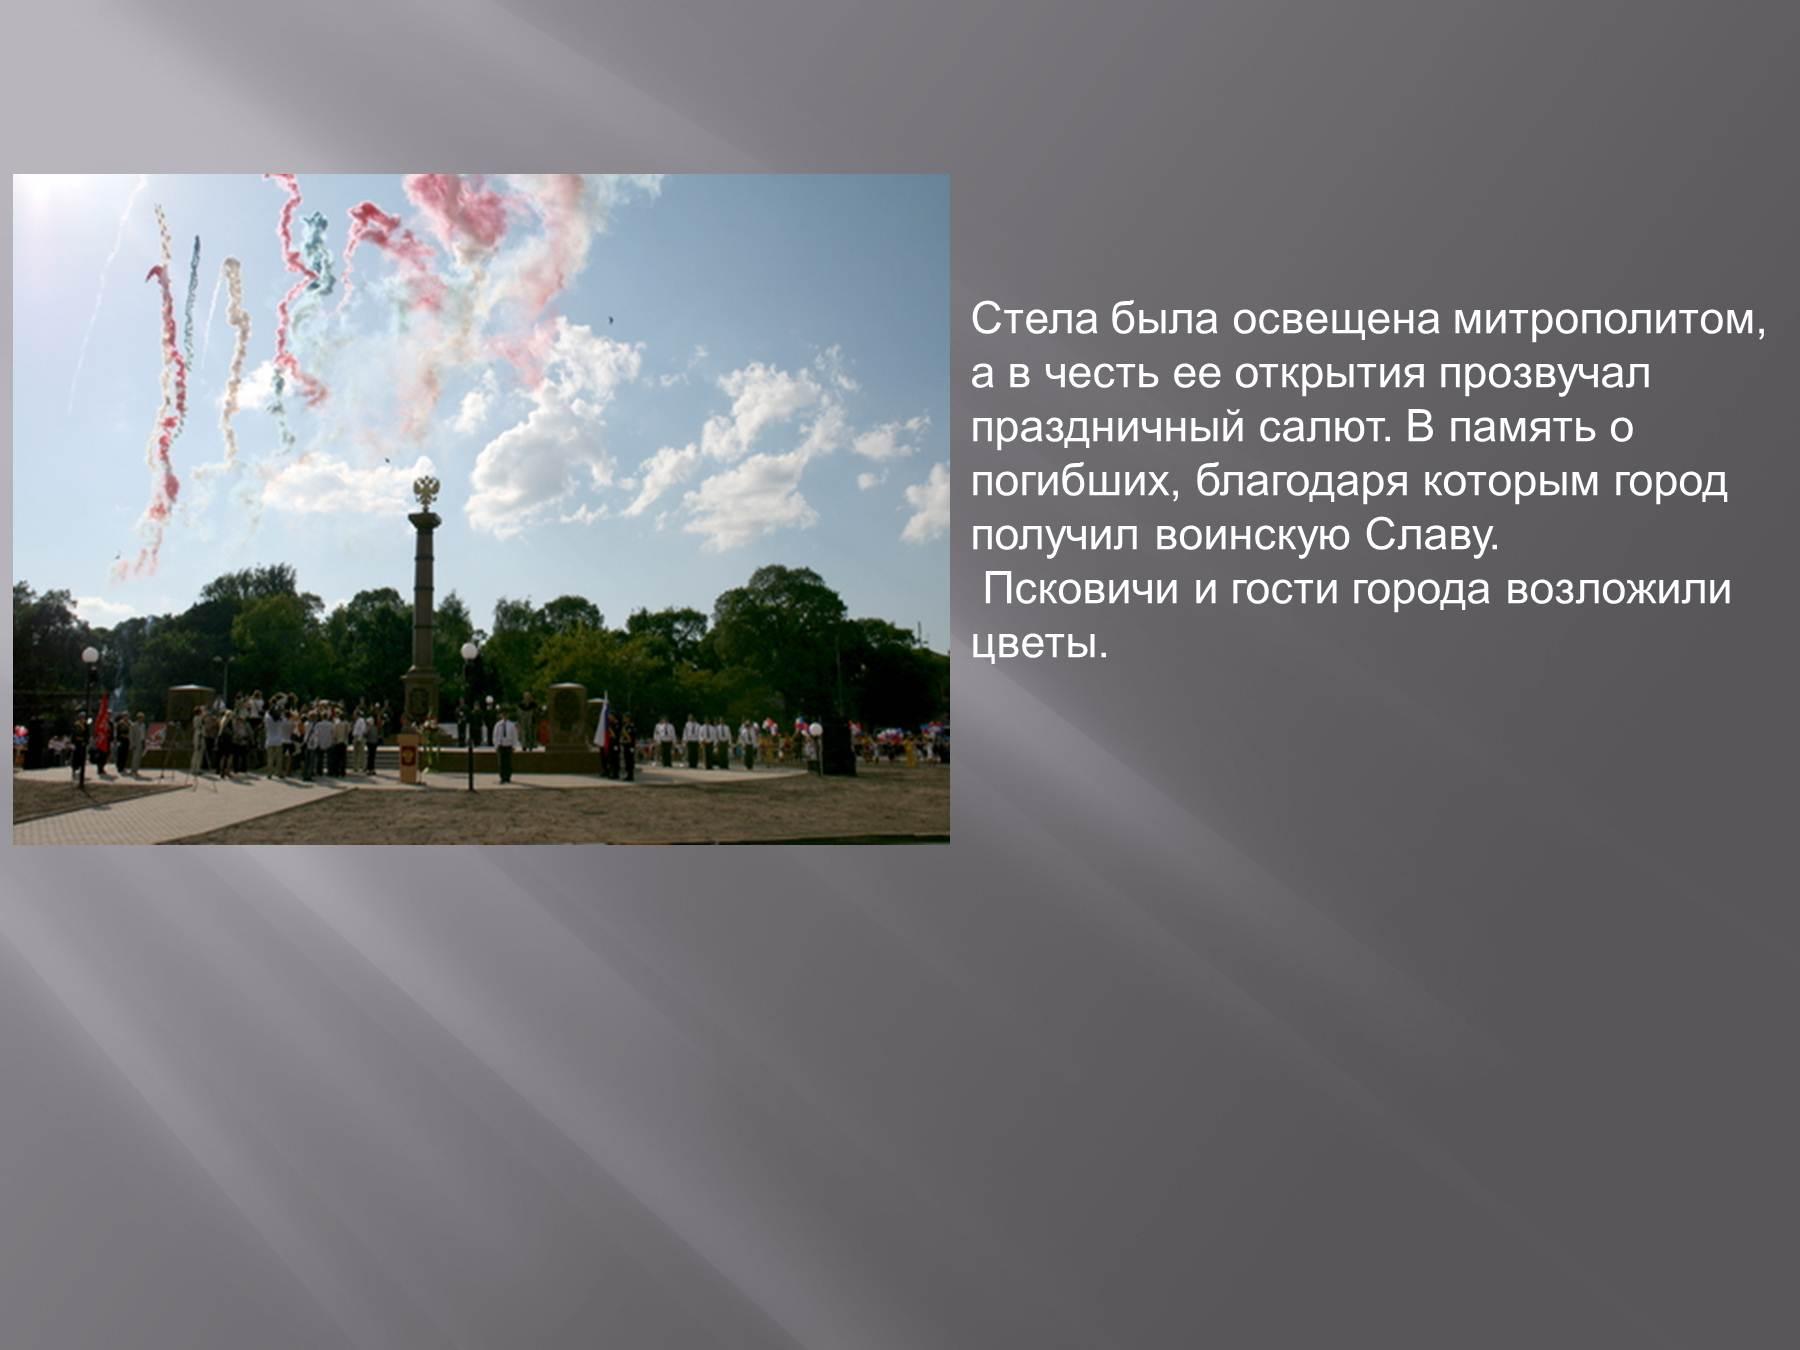 Город воинской славы. поздравления